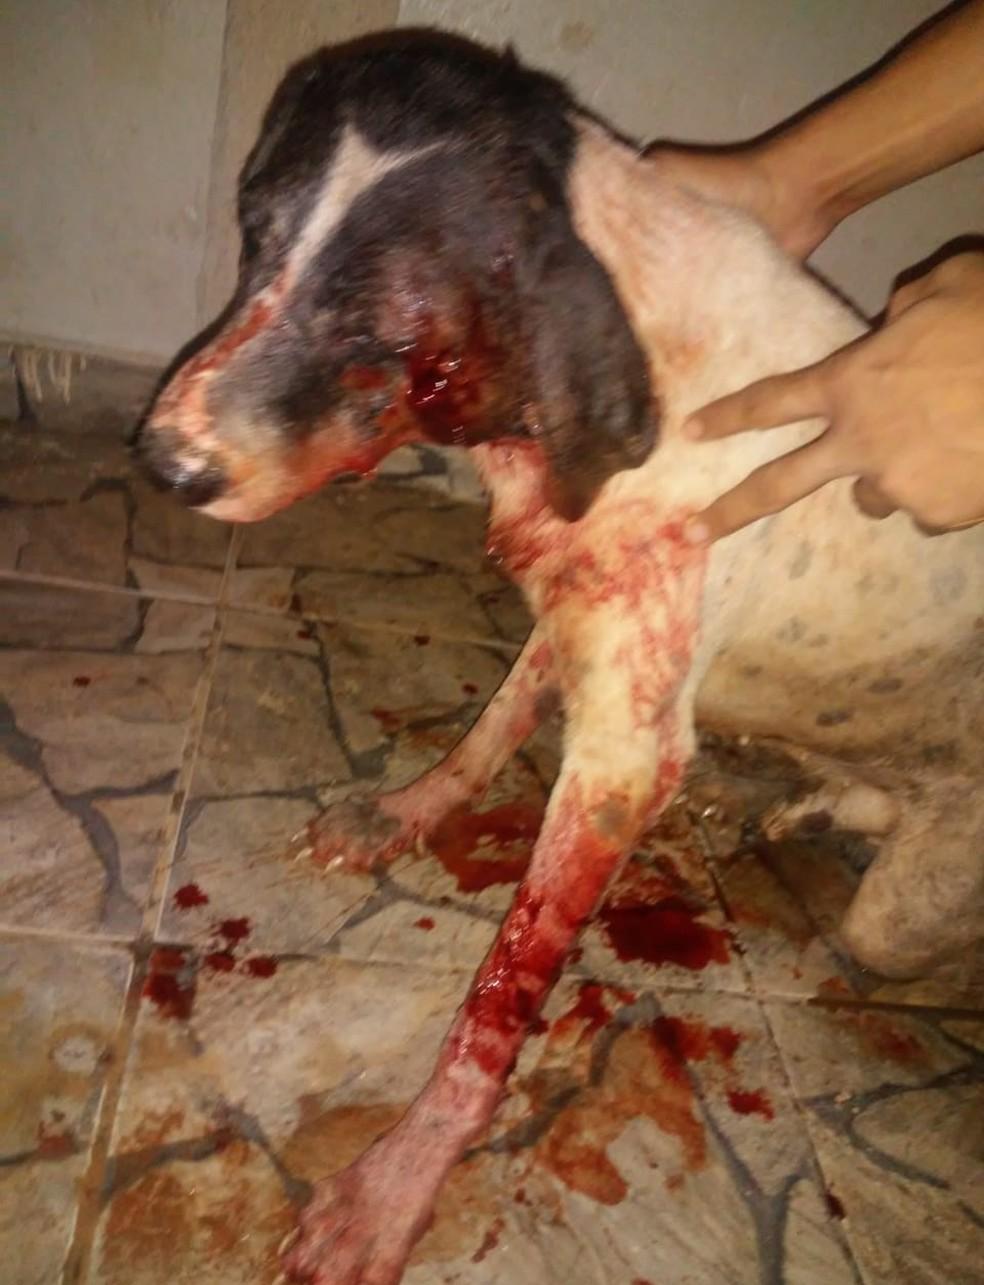 Segundo testemunhas, o cachorro estava perseguindo um PM em uma moto, que efetuou o disparo. — Foto: Divulgação